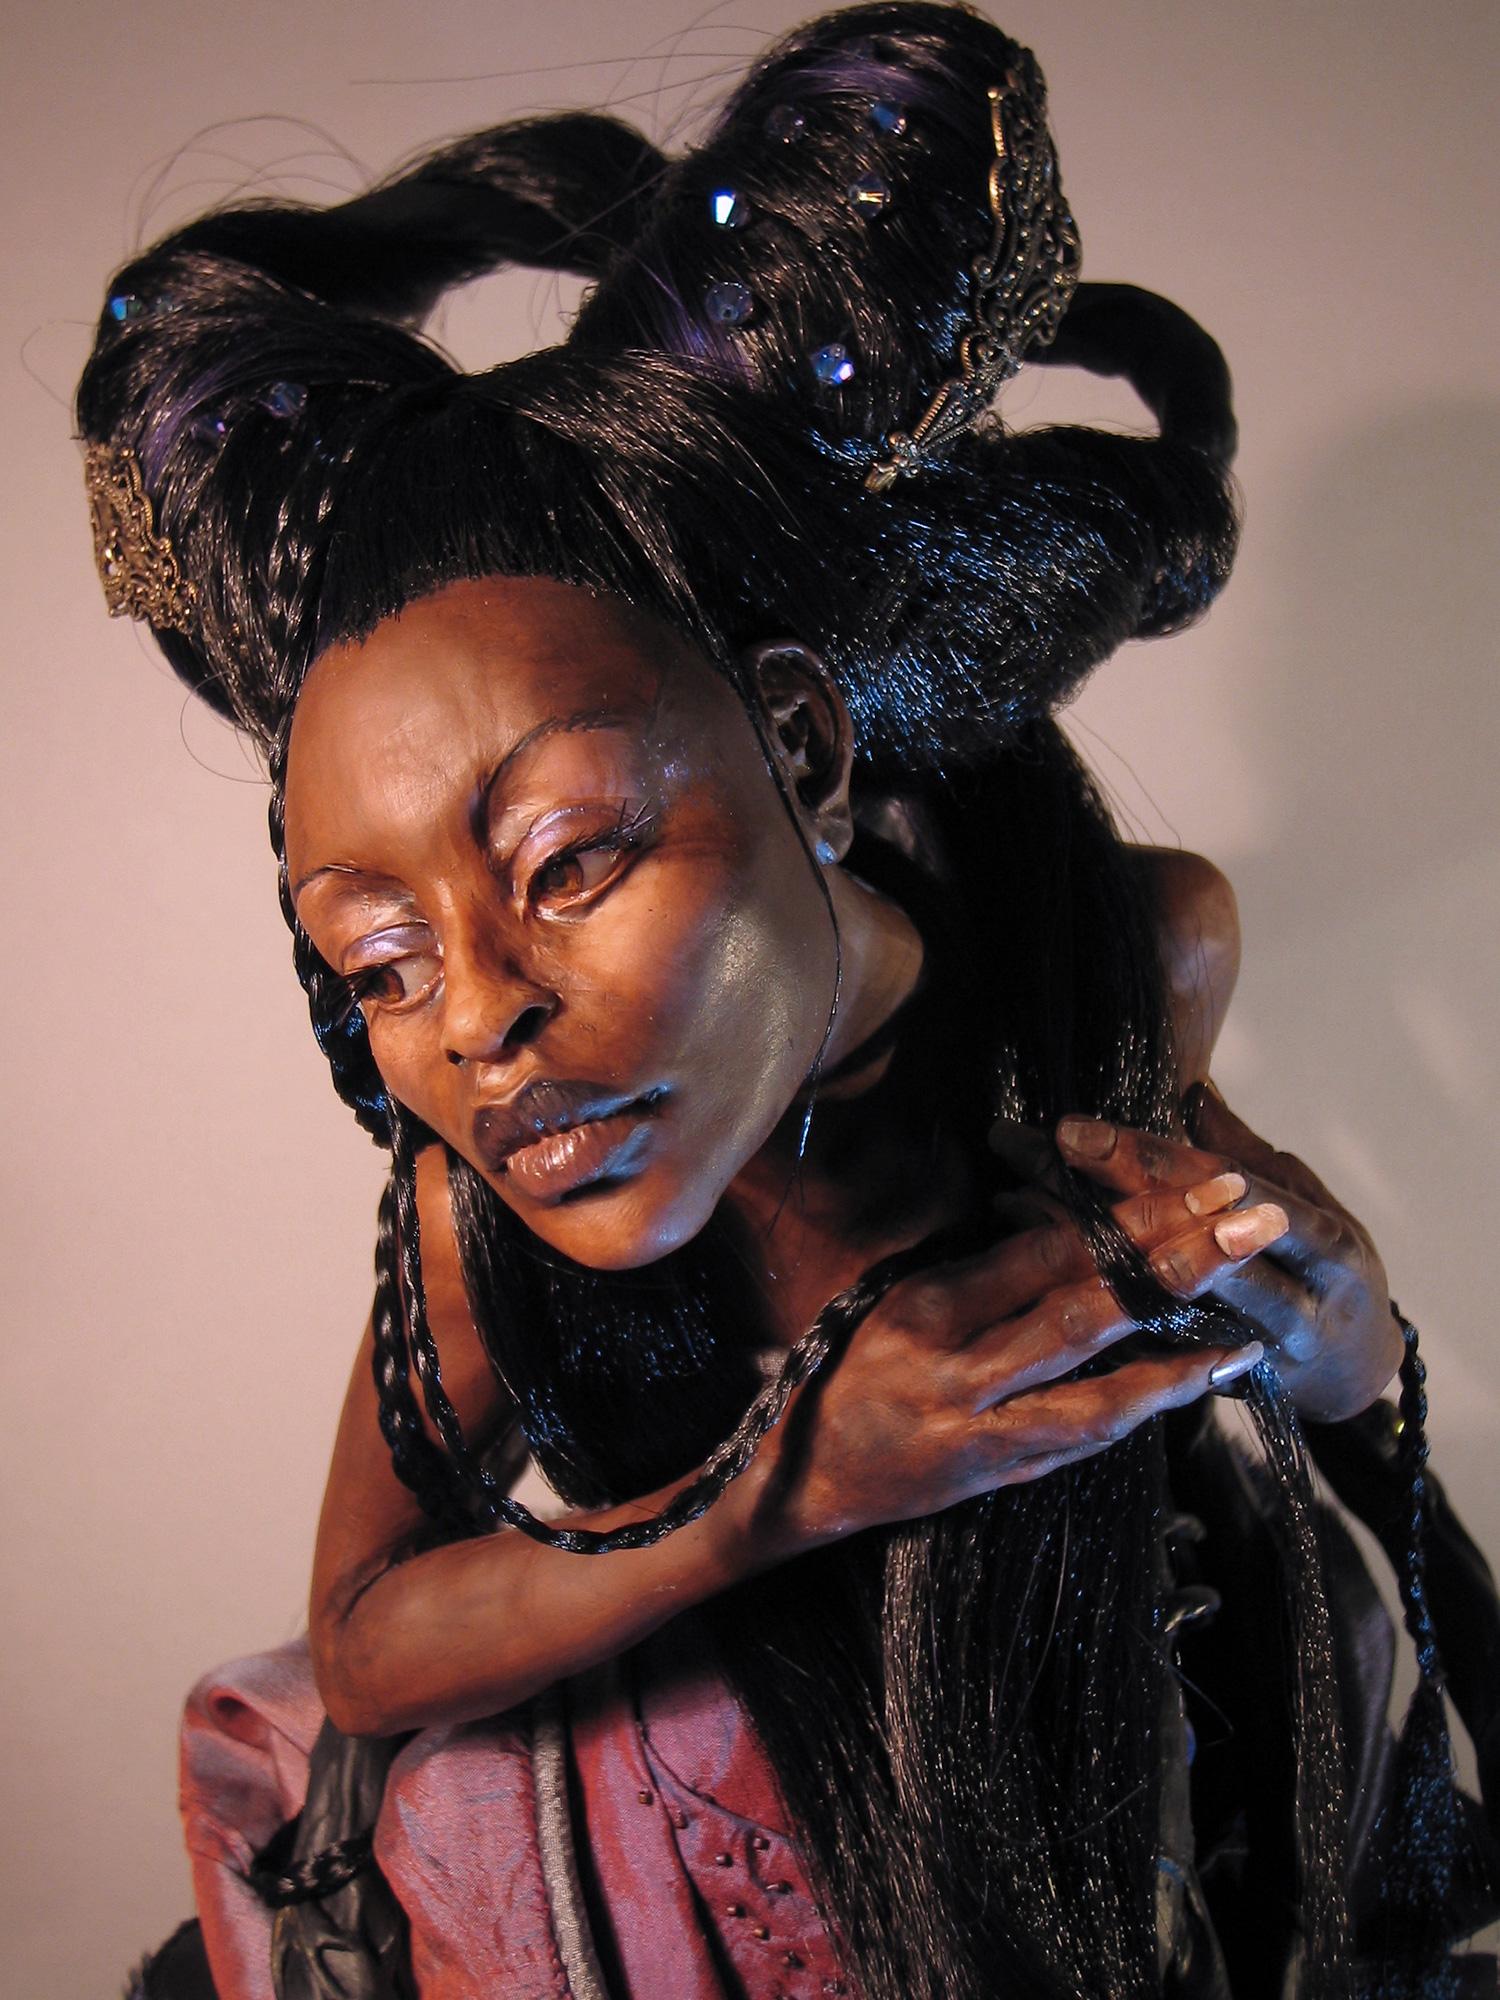 Virginie Ropars - SABAQUEEN doll sculpture